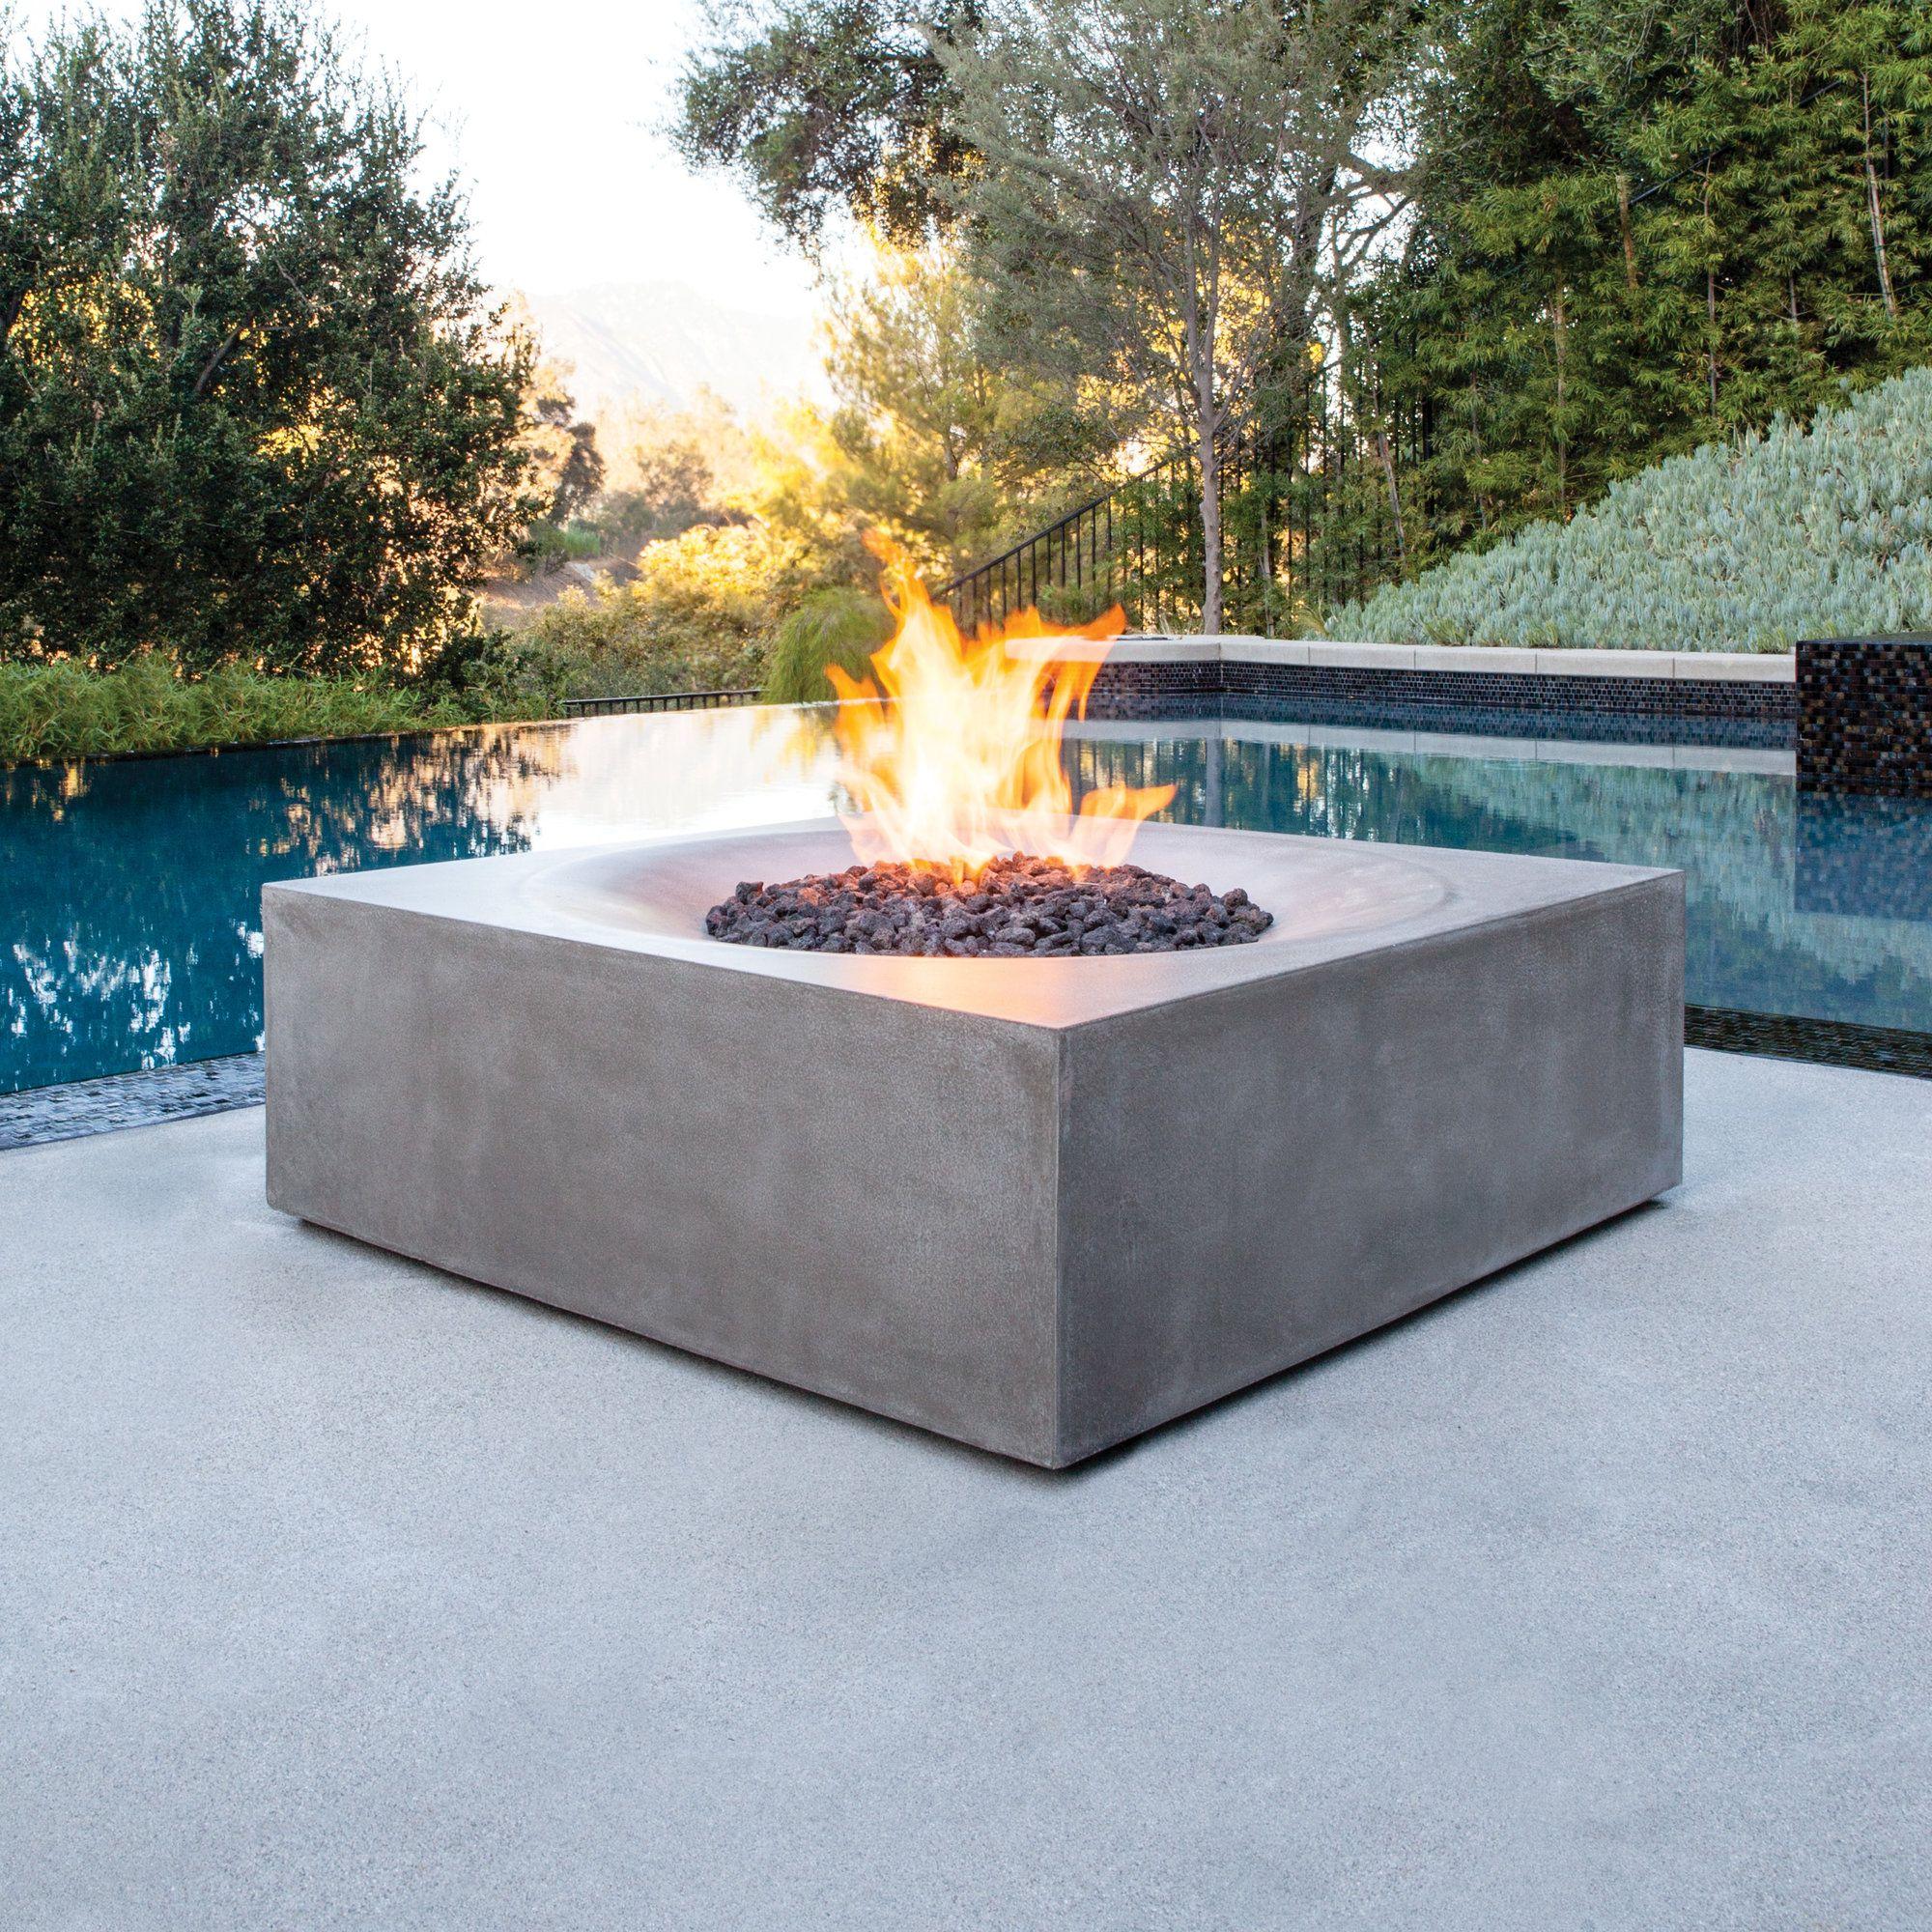 Solstice Concrete Gas Fire Pit Table Terrassenmobel Terrasse Garten